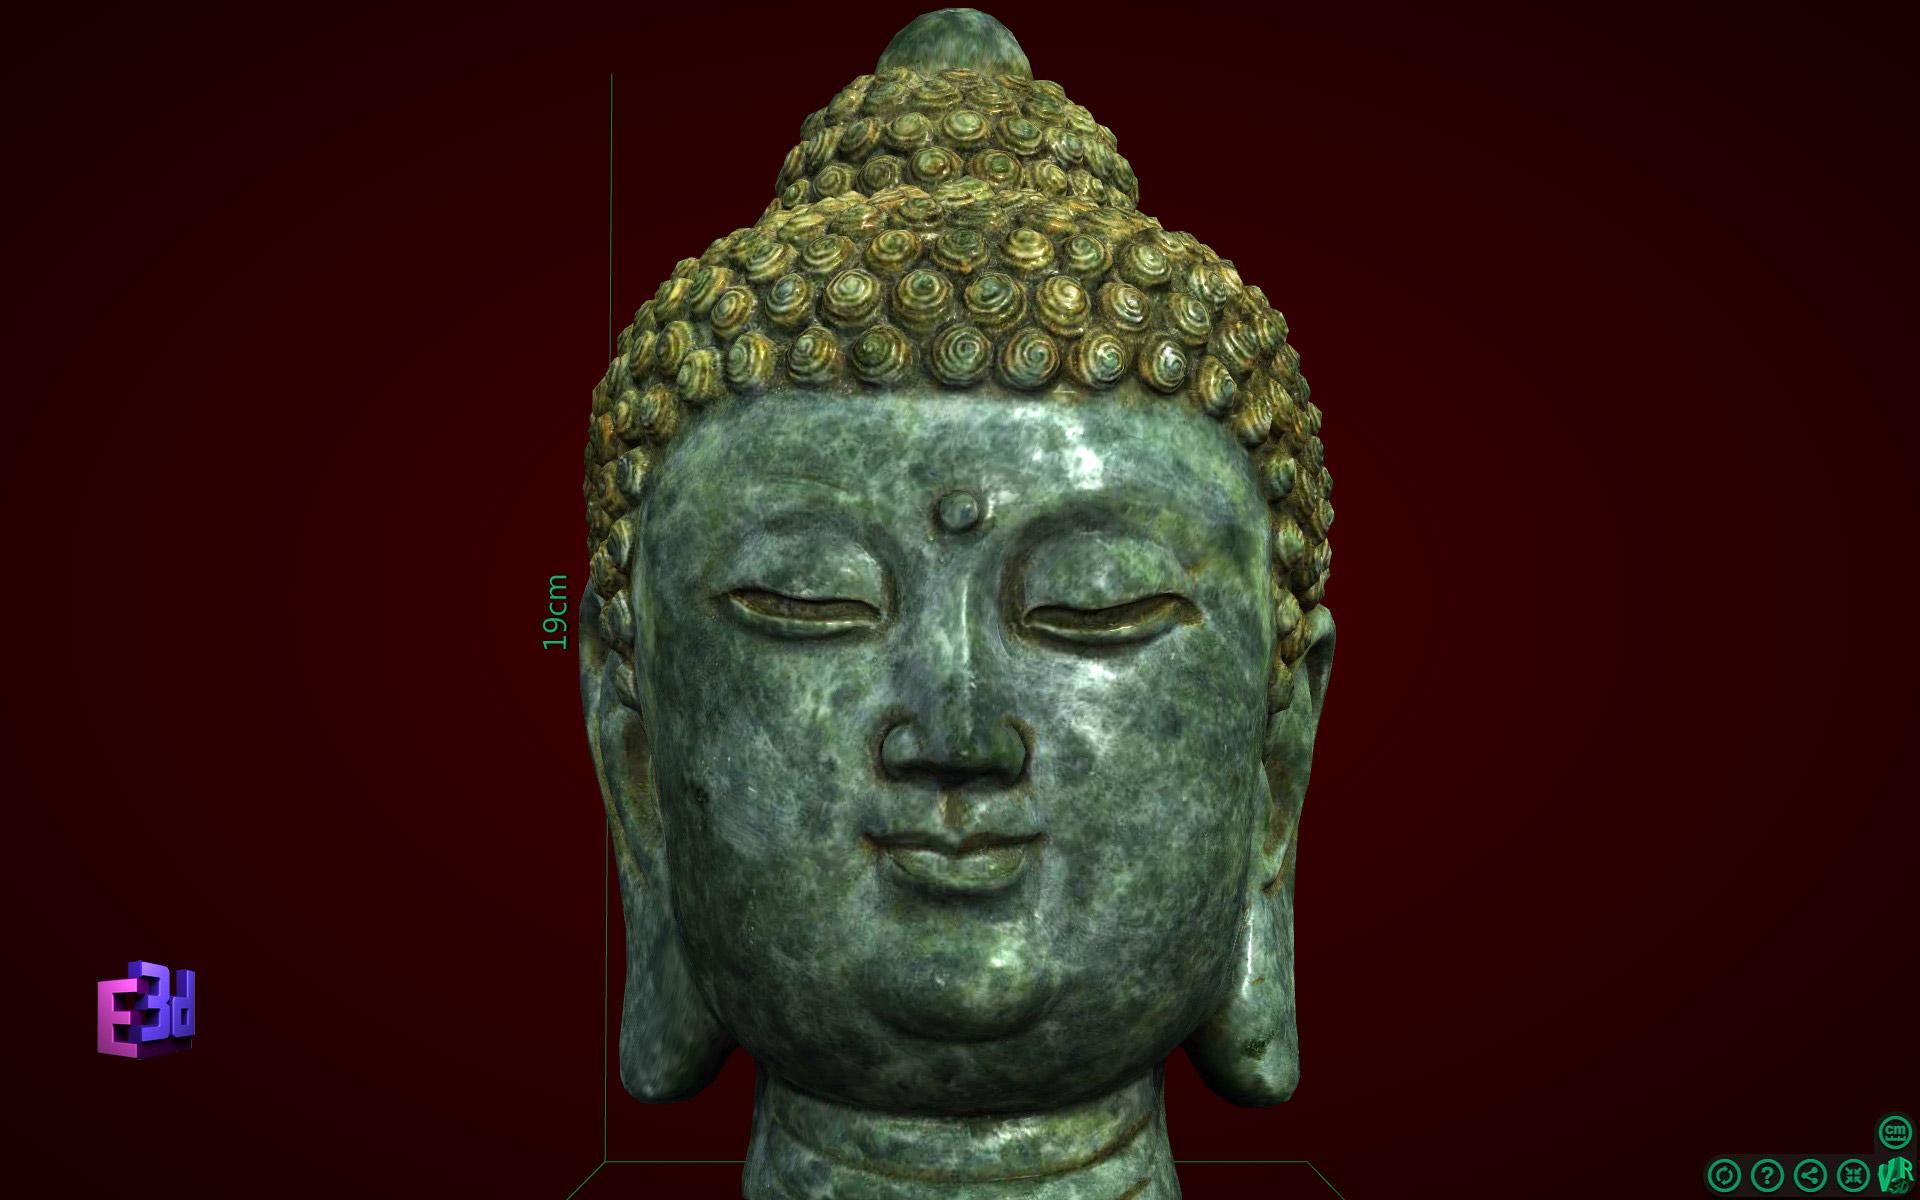 Decor trang trí - Tượng đầu Phật Thích Ca